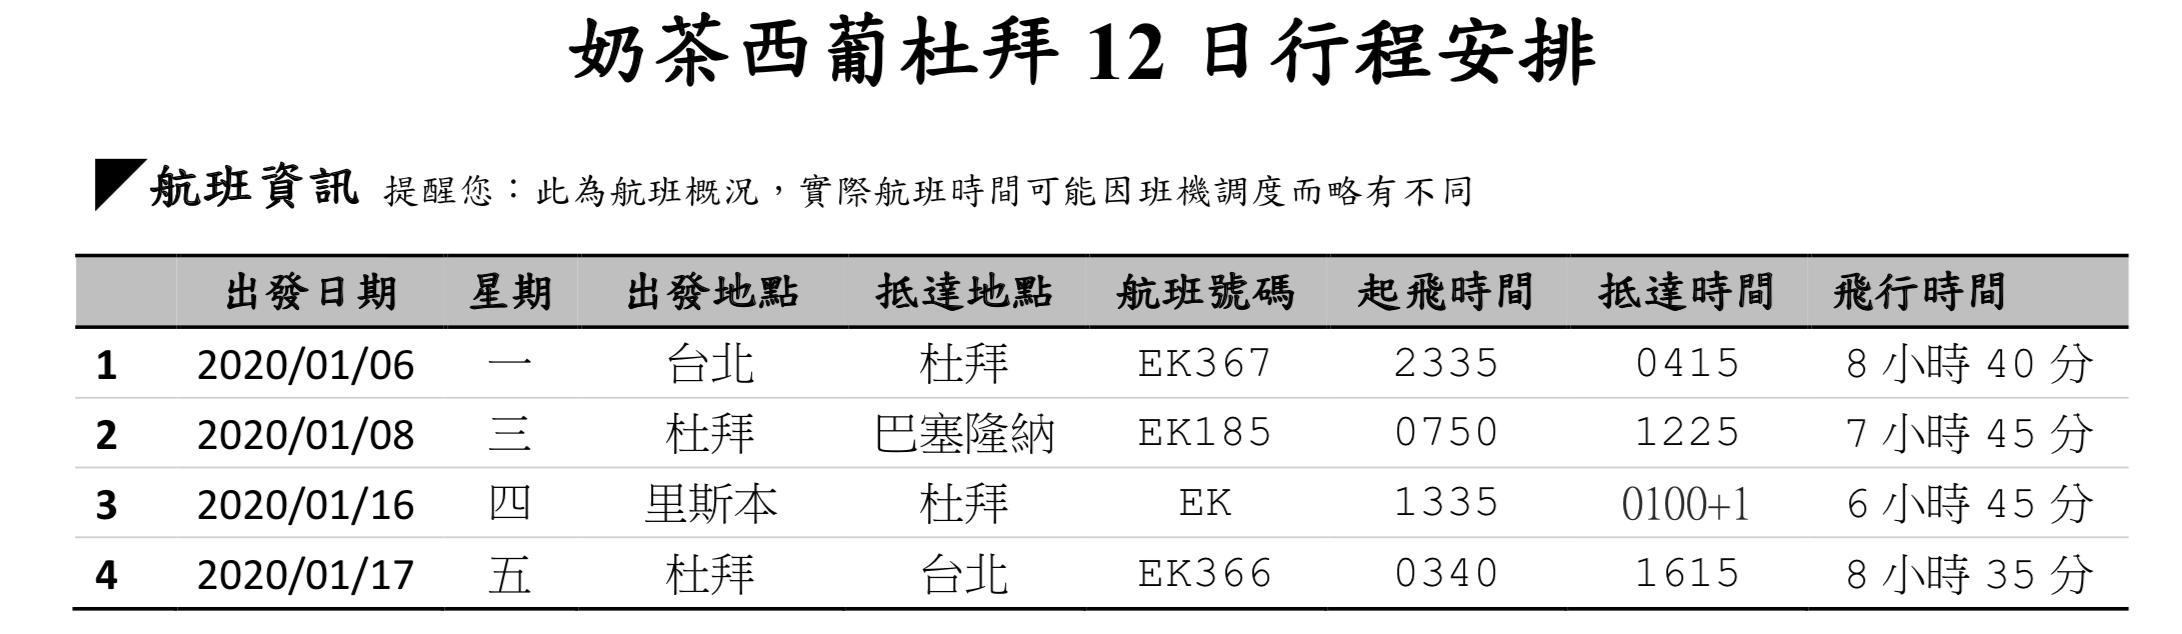 奶茶團長專屬團-西葡杜拜12日行程內容公佈~4/25 (四)12:30準時報名!